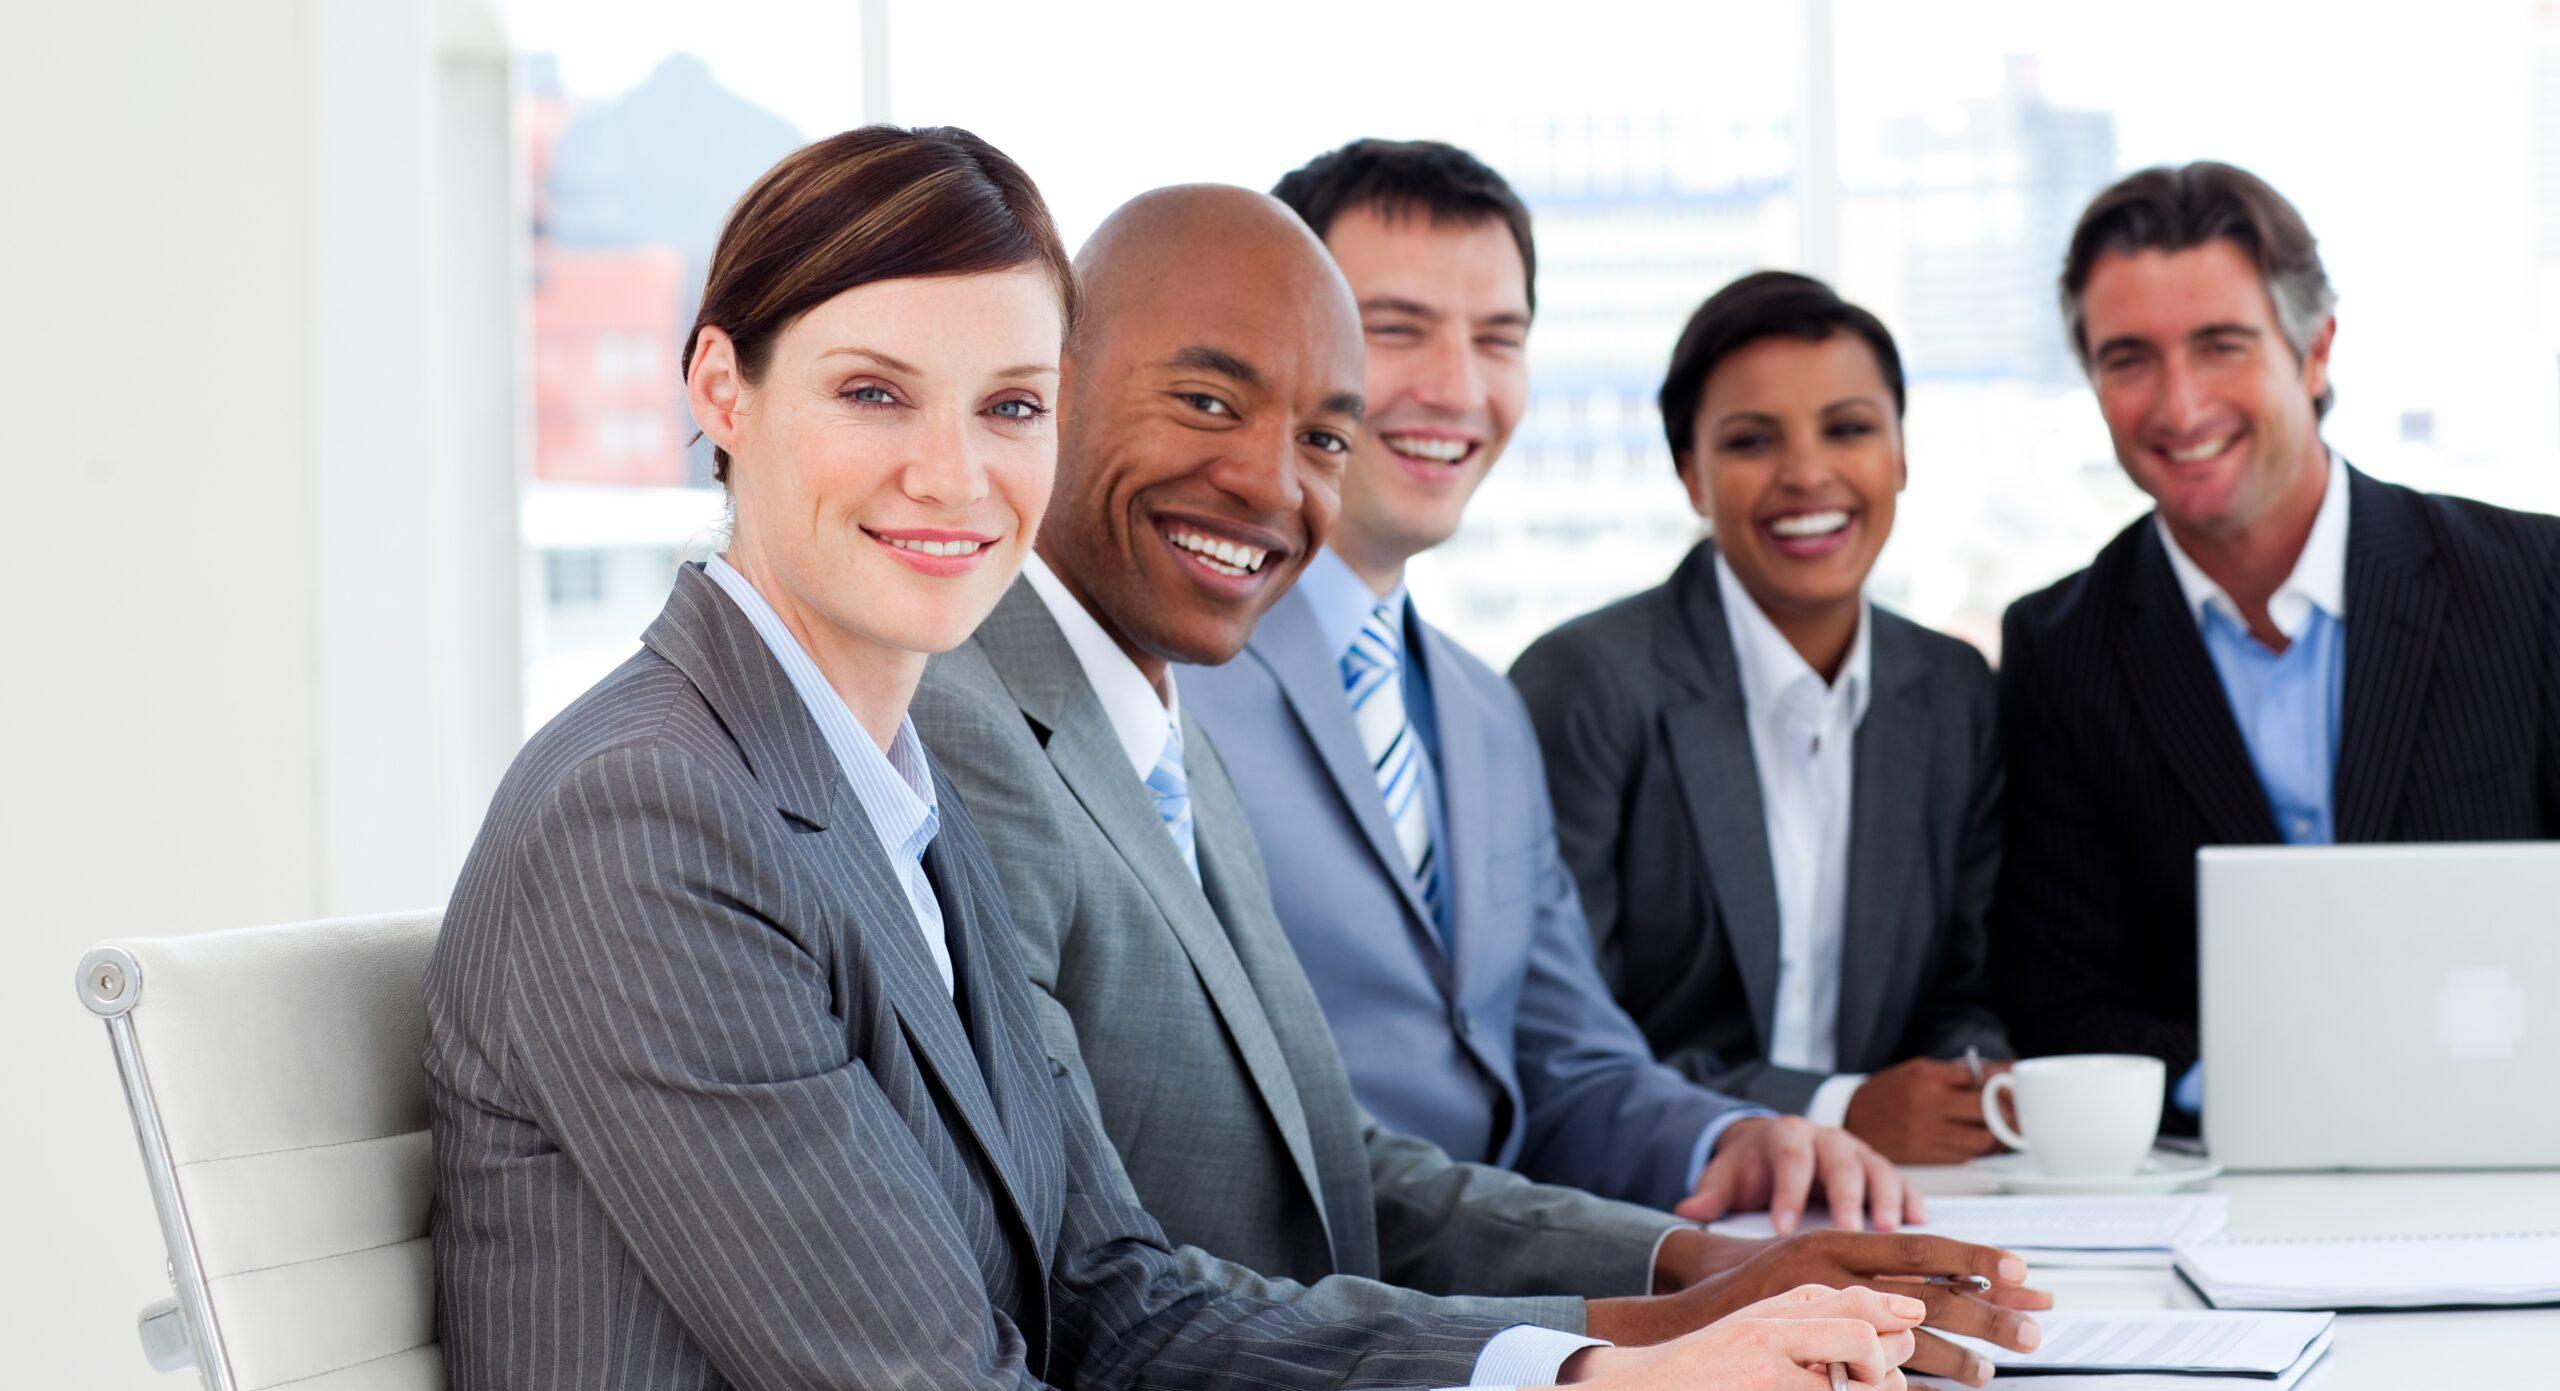 Business meeting Englisch